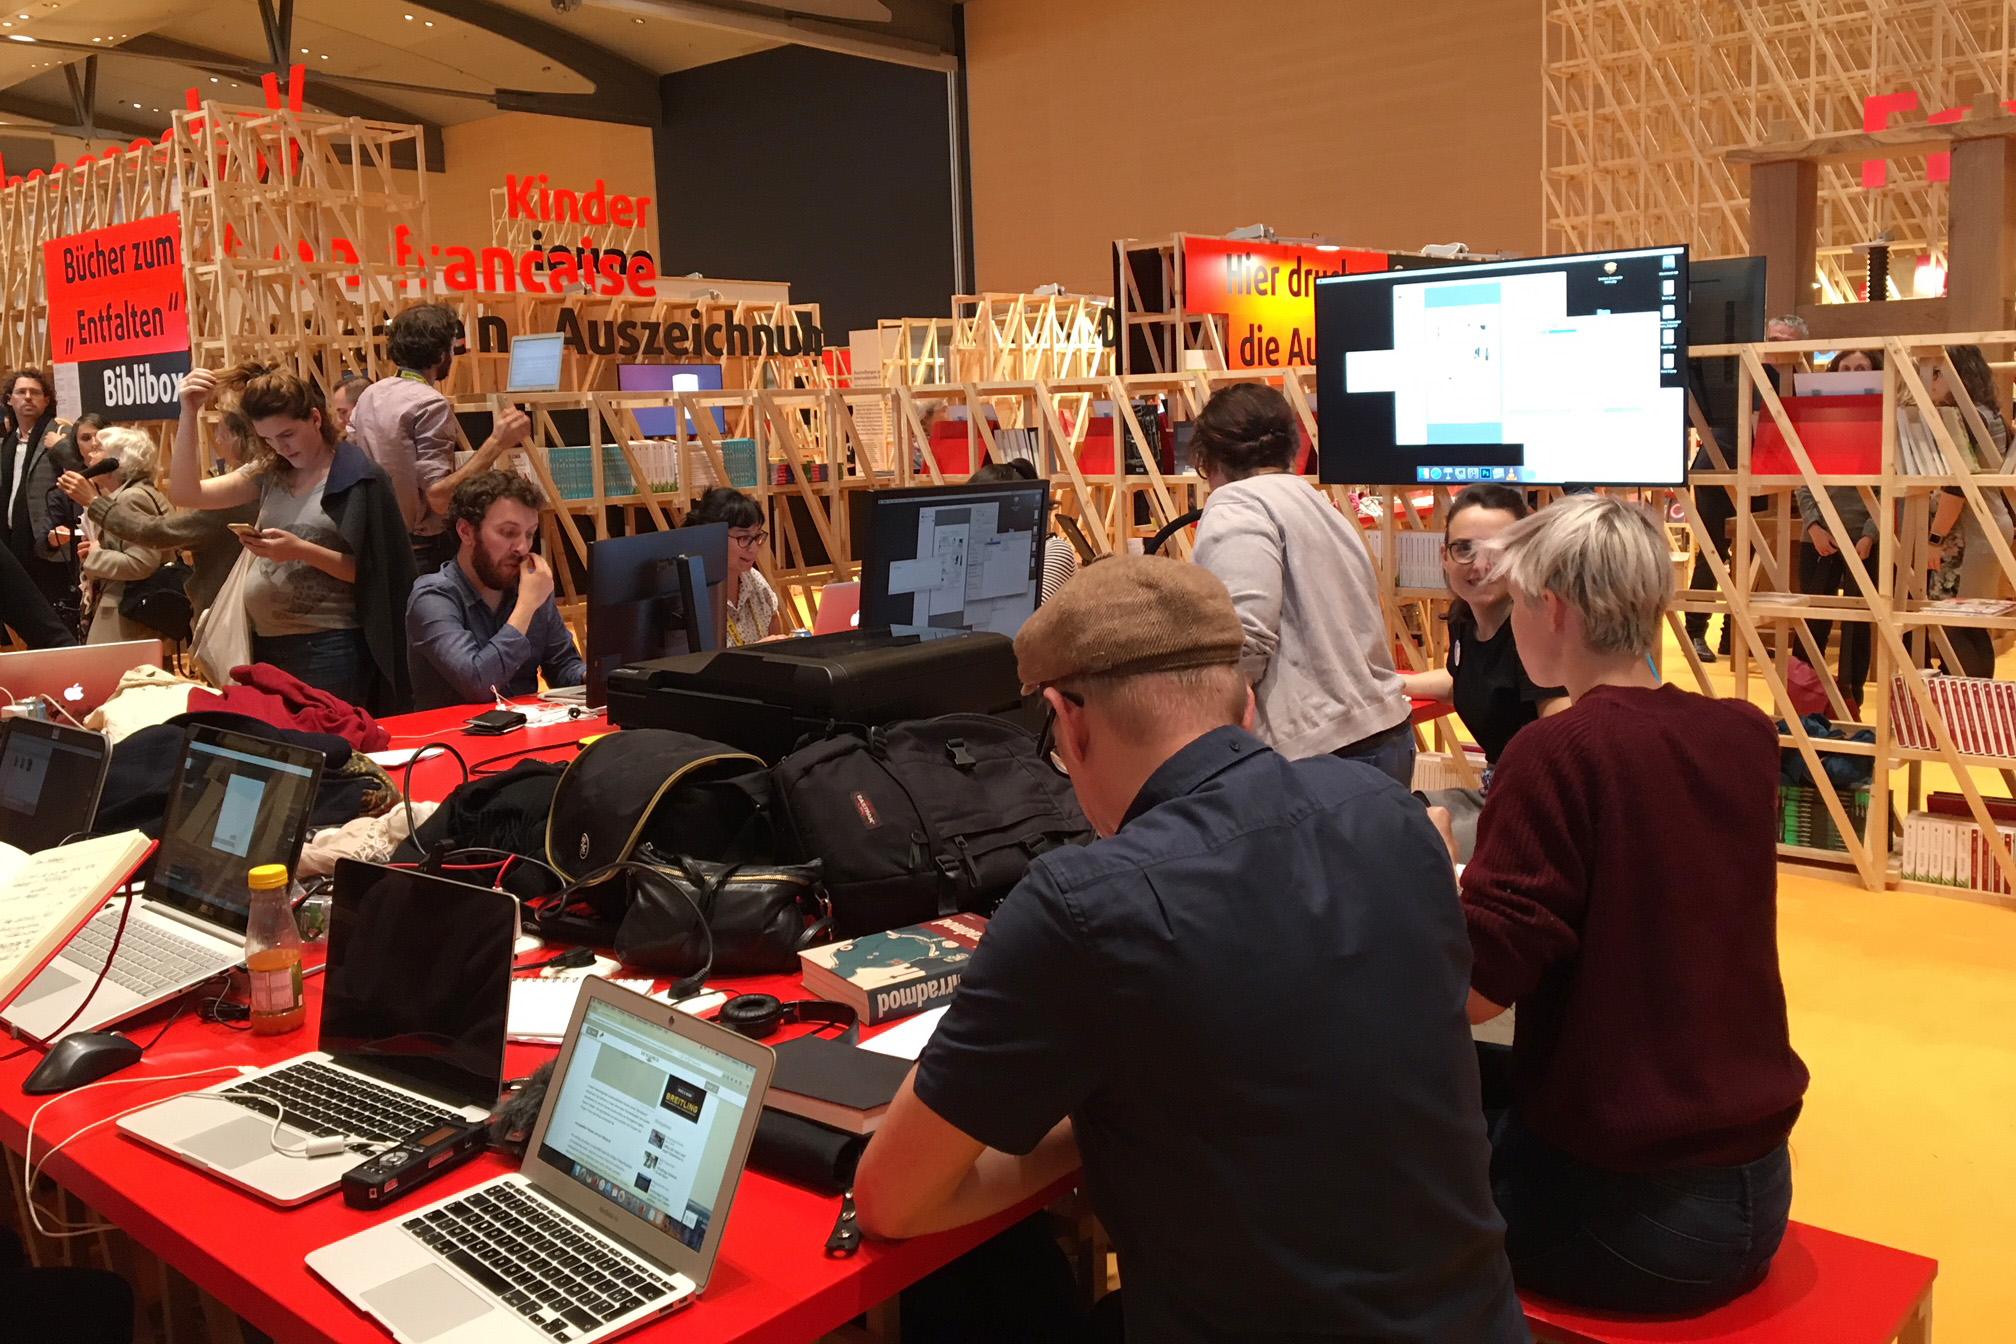 Mehrere Personen sitzen vor Laptops und Monitoren im französischen Pavillon der Buchmesse Frankfurt.